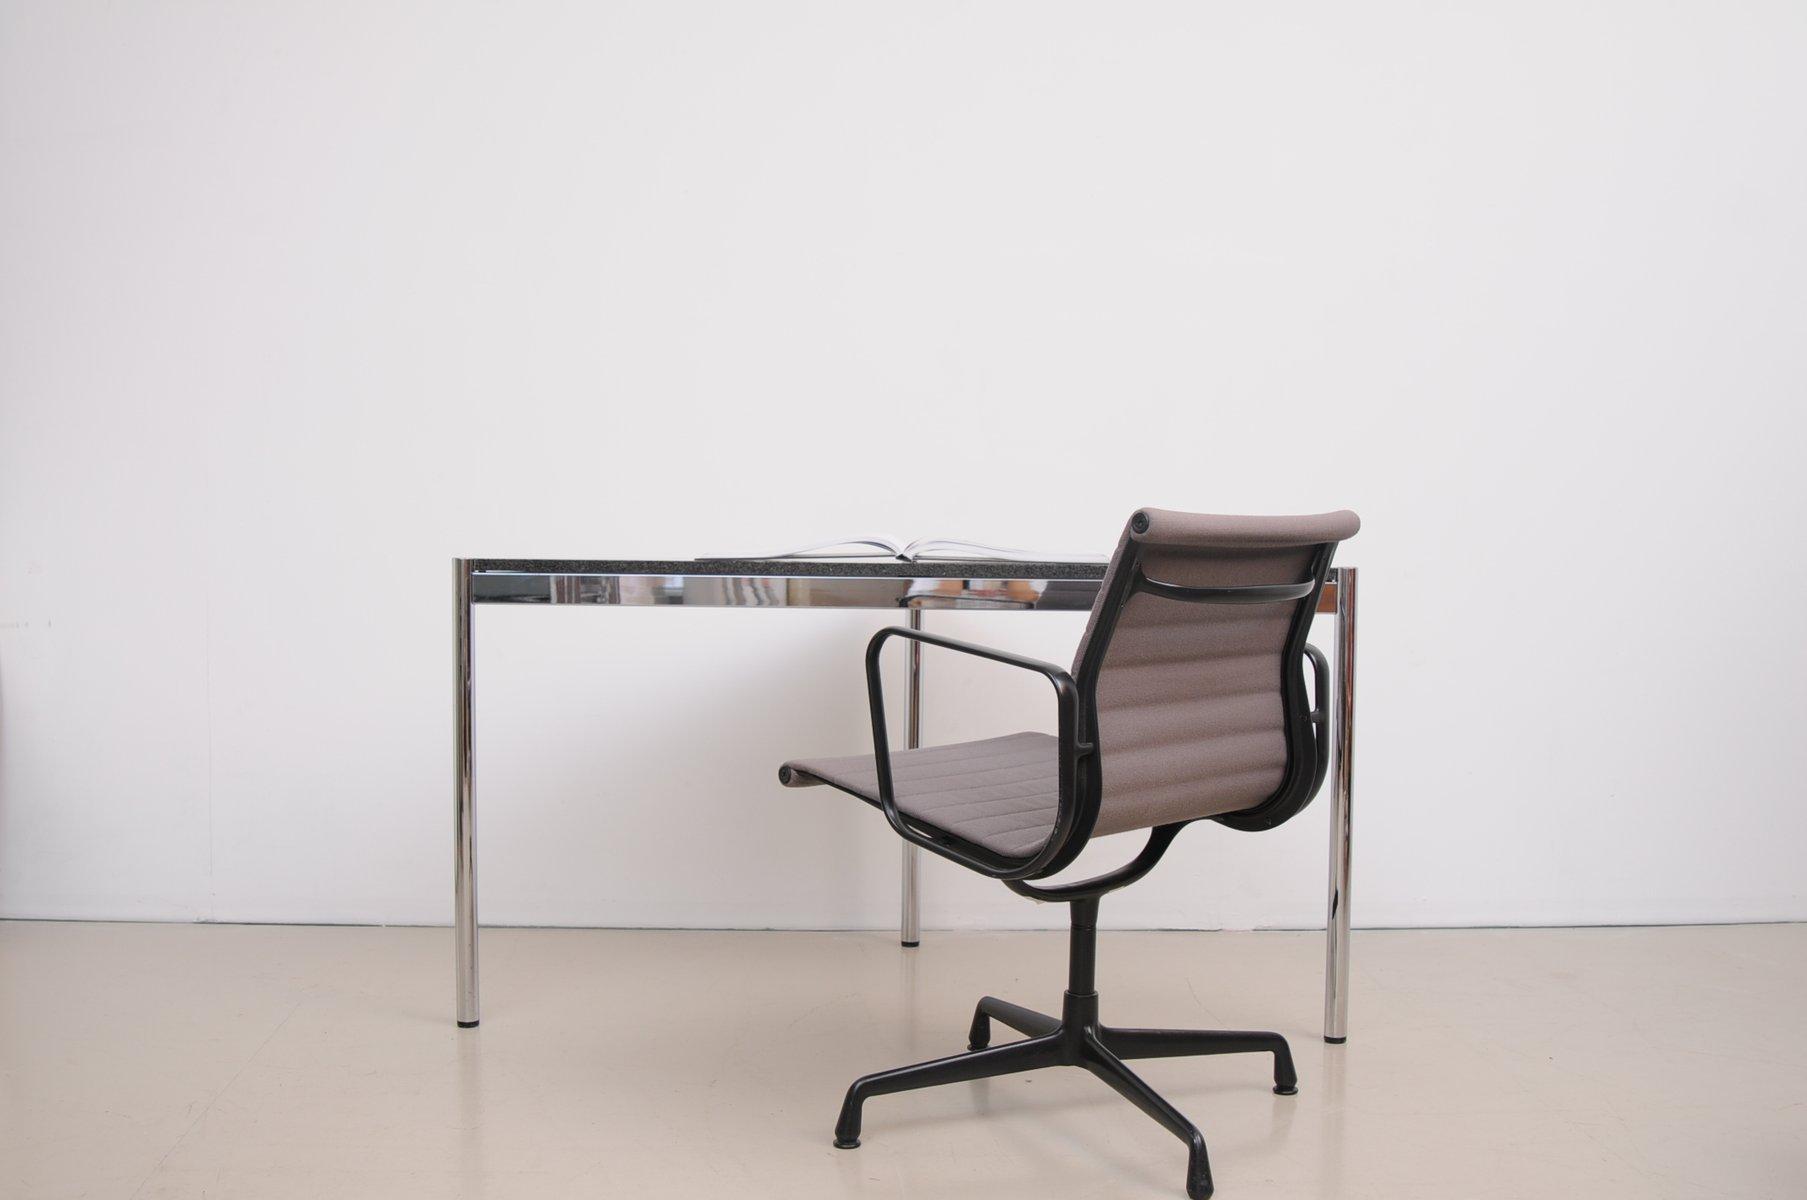 Bureaux usm espace bureau